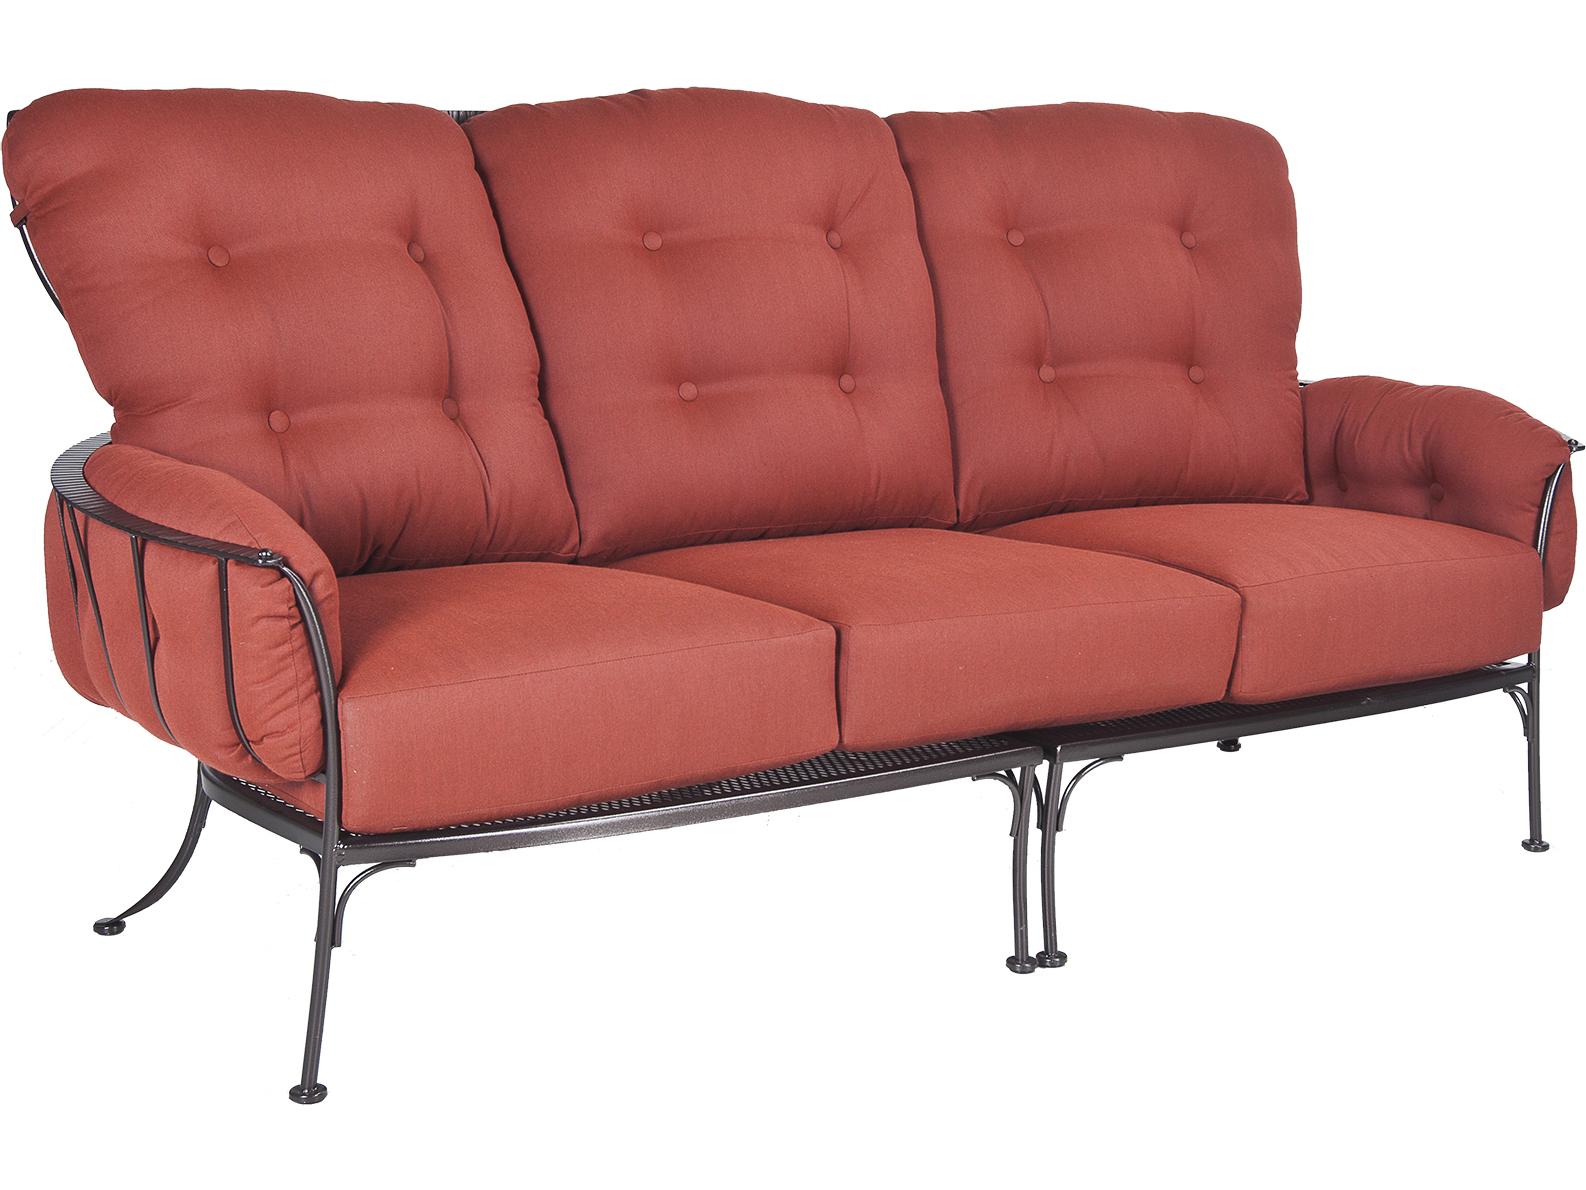 Ow Lee Monterra Wrought Iron Sofa 427 3s